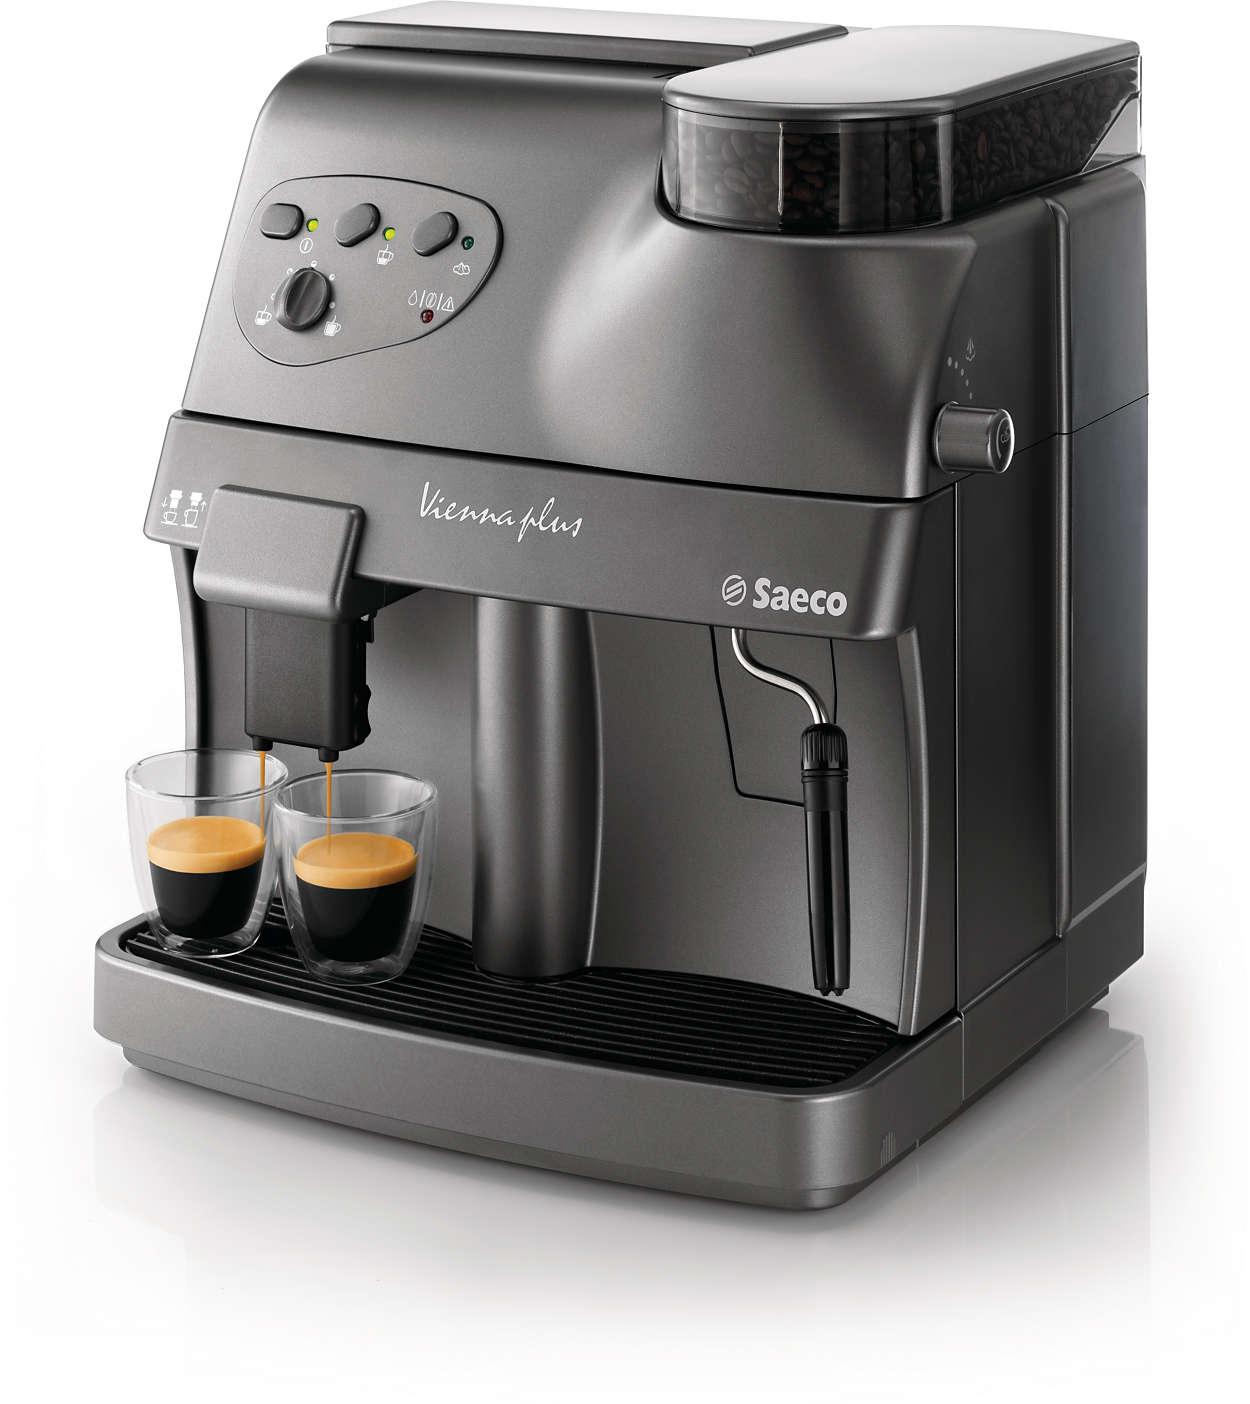 Vienna Super Automatic Espresso Machine Ri9737 21 Saeco